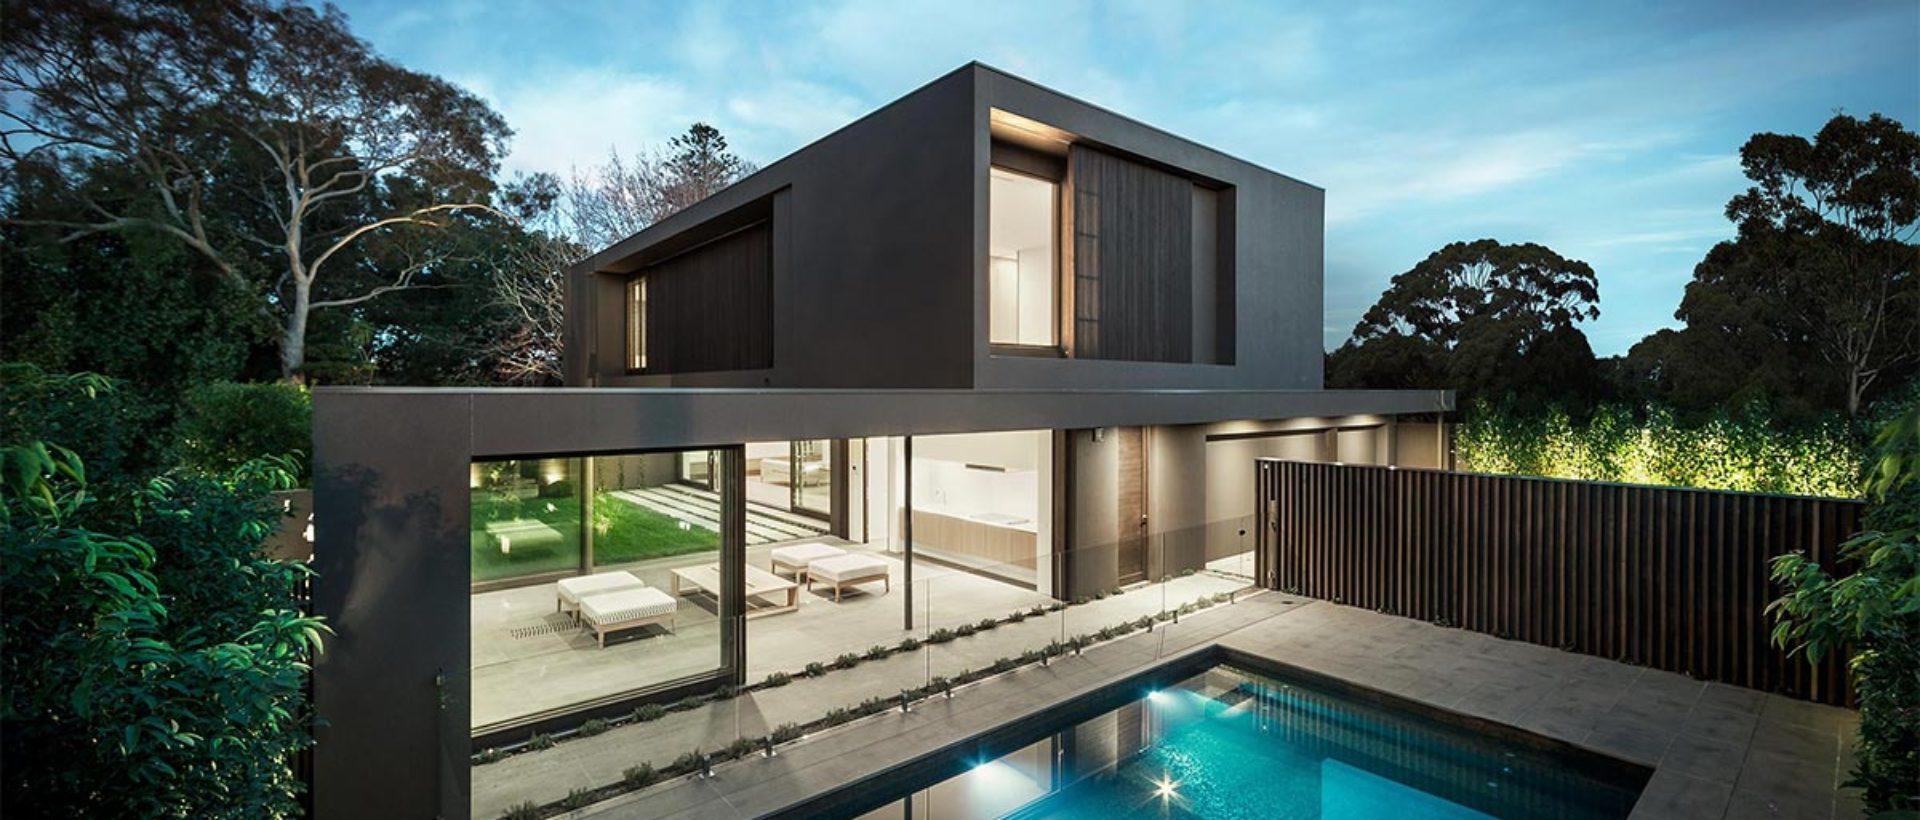 Guaranteed modern home